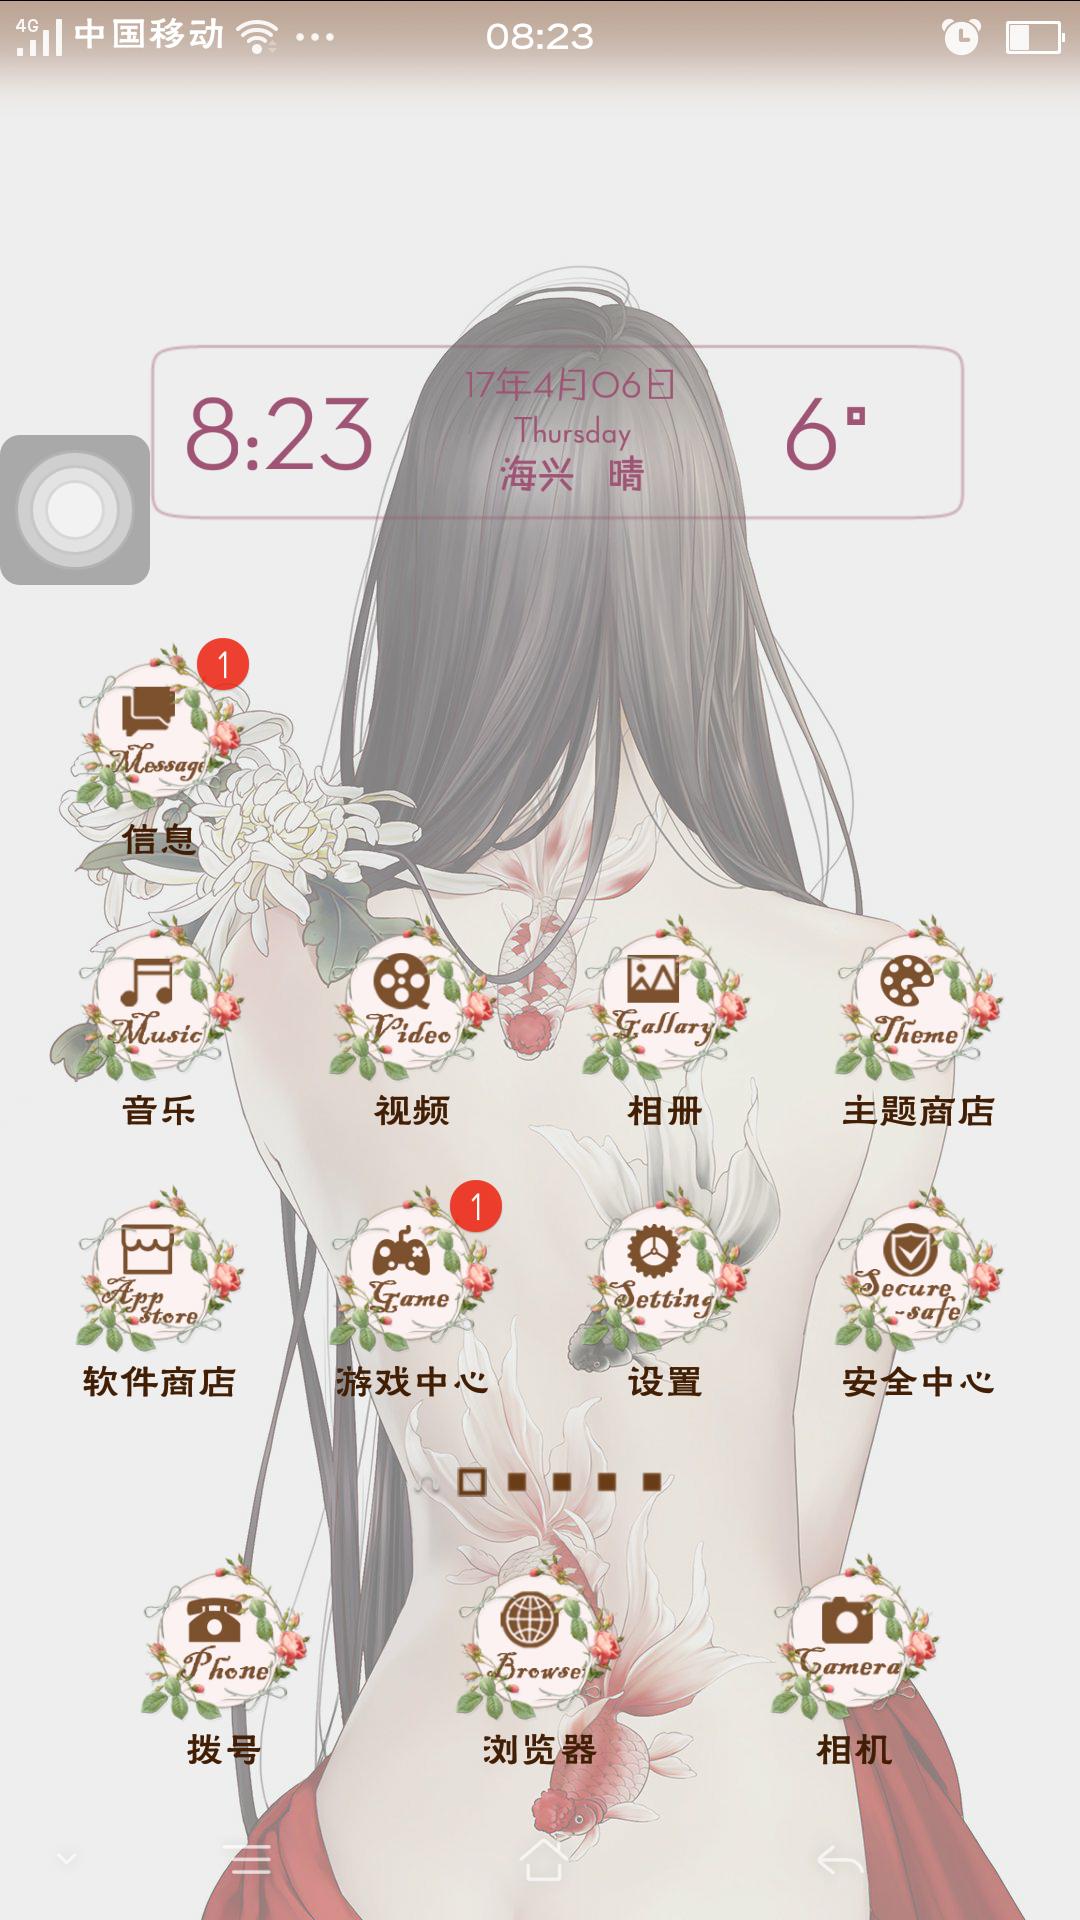 oppo手机屏幕上突然出现一个半透明度的图标 图1 ,然后不时跳出安